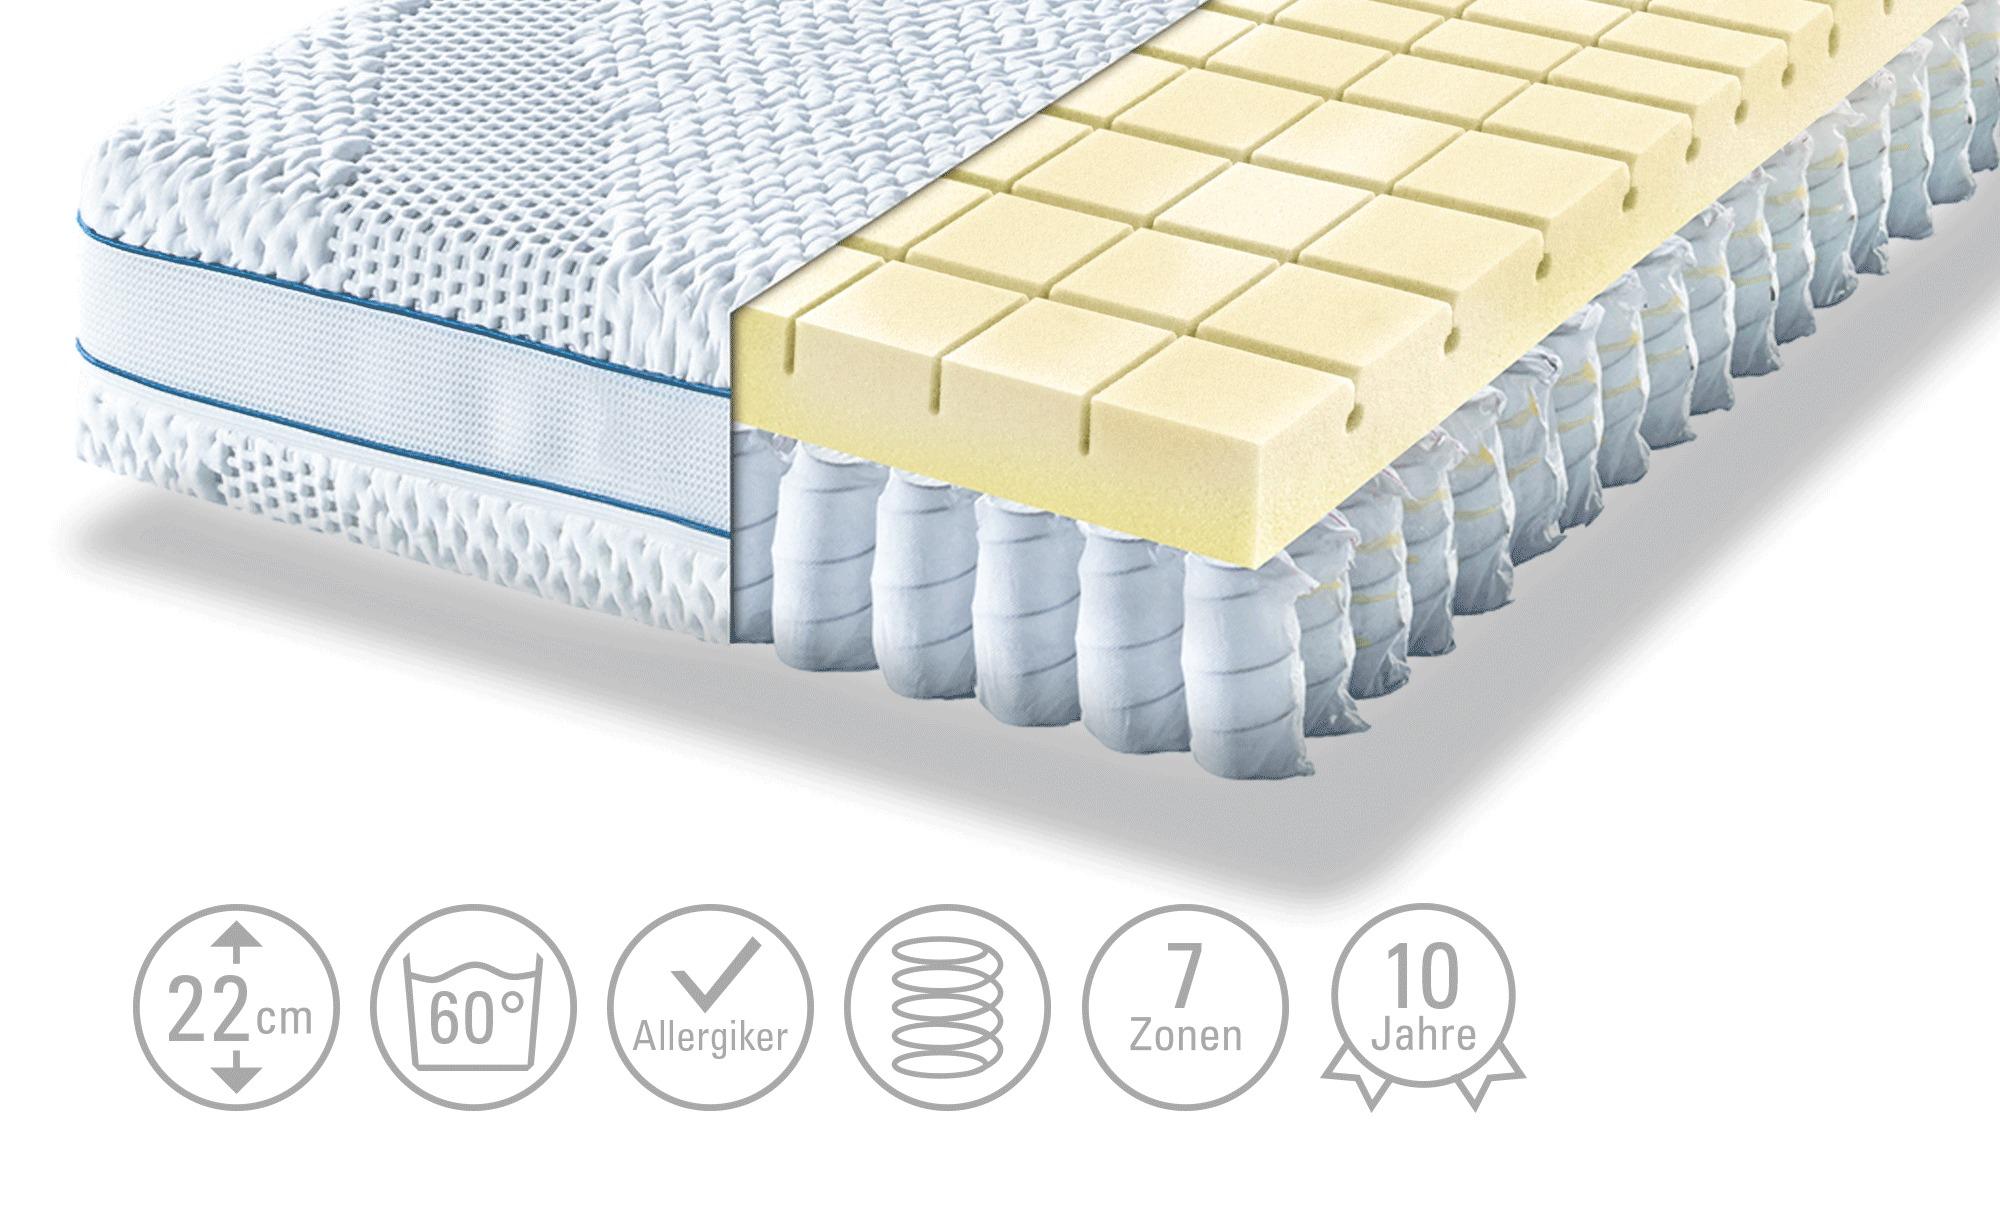 Möve Möve Matratze  Aqua Top T - weiß - 90 cm - 22 cm - Matratzen & Zubehör > Federkernmatratzen - Möbel Kraft